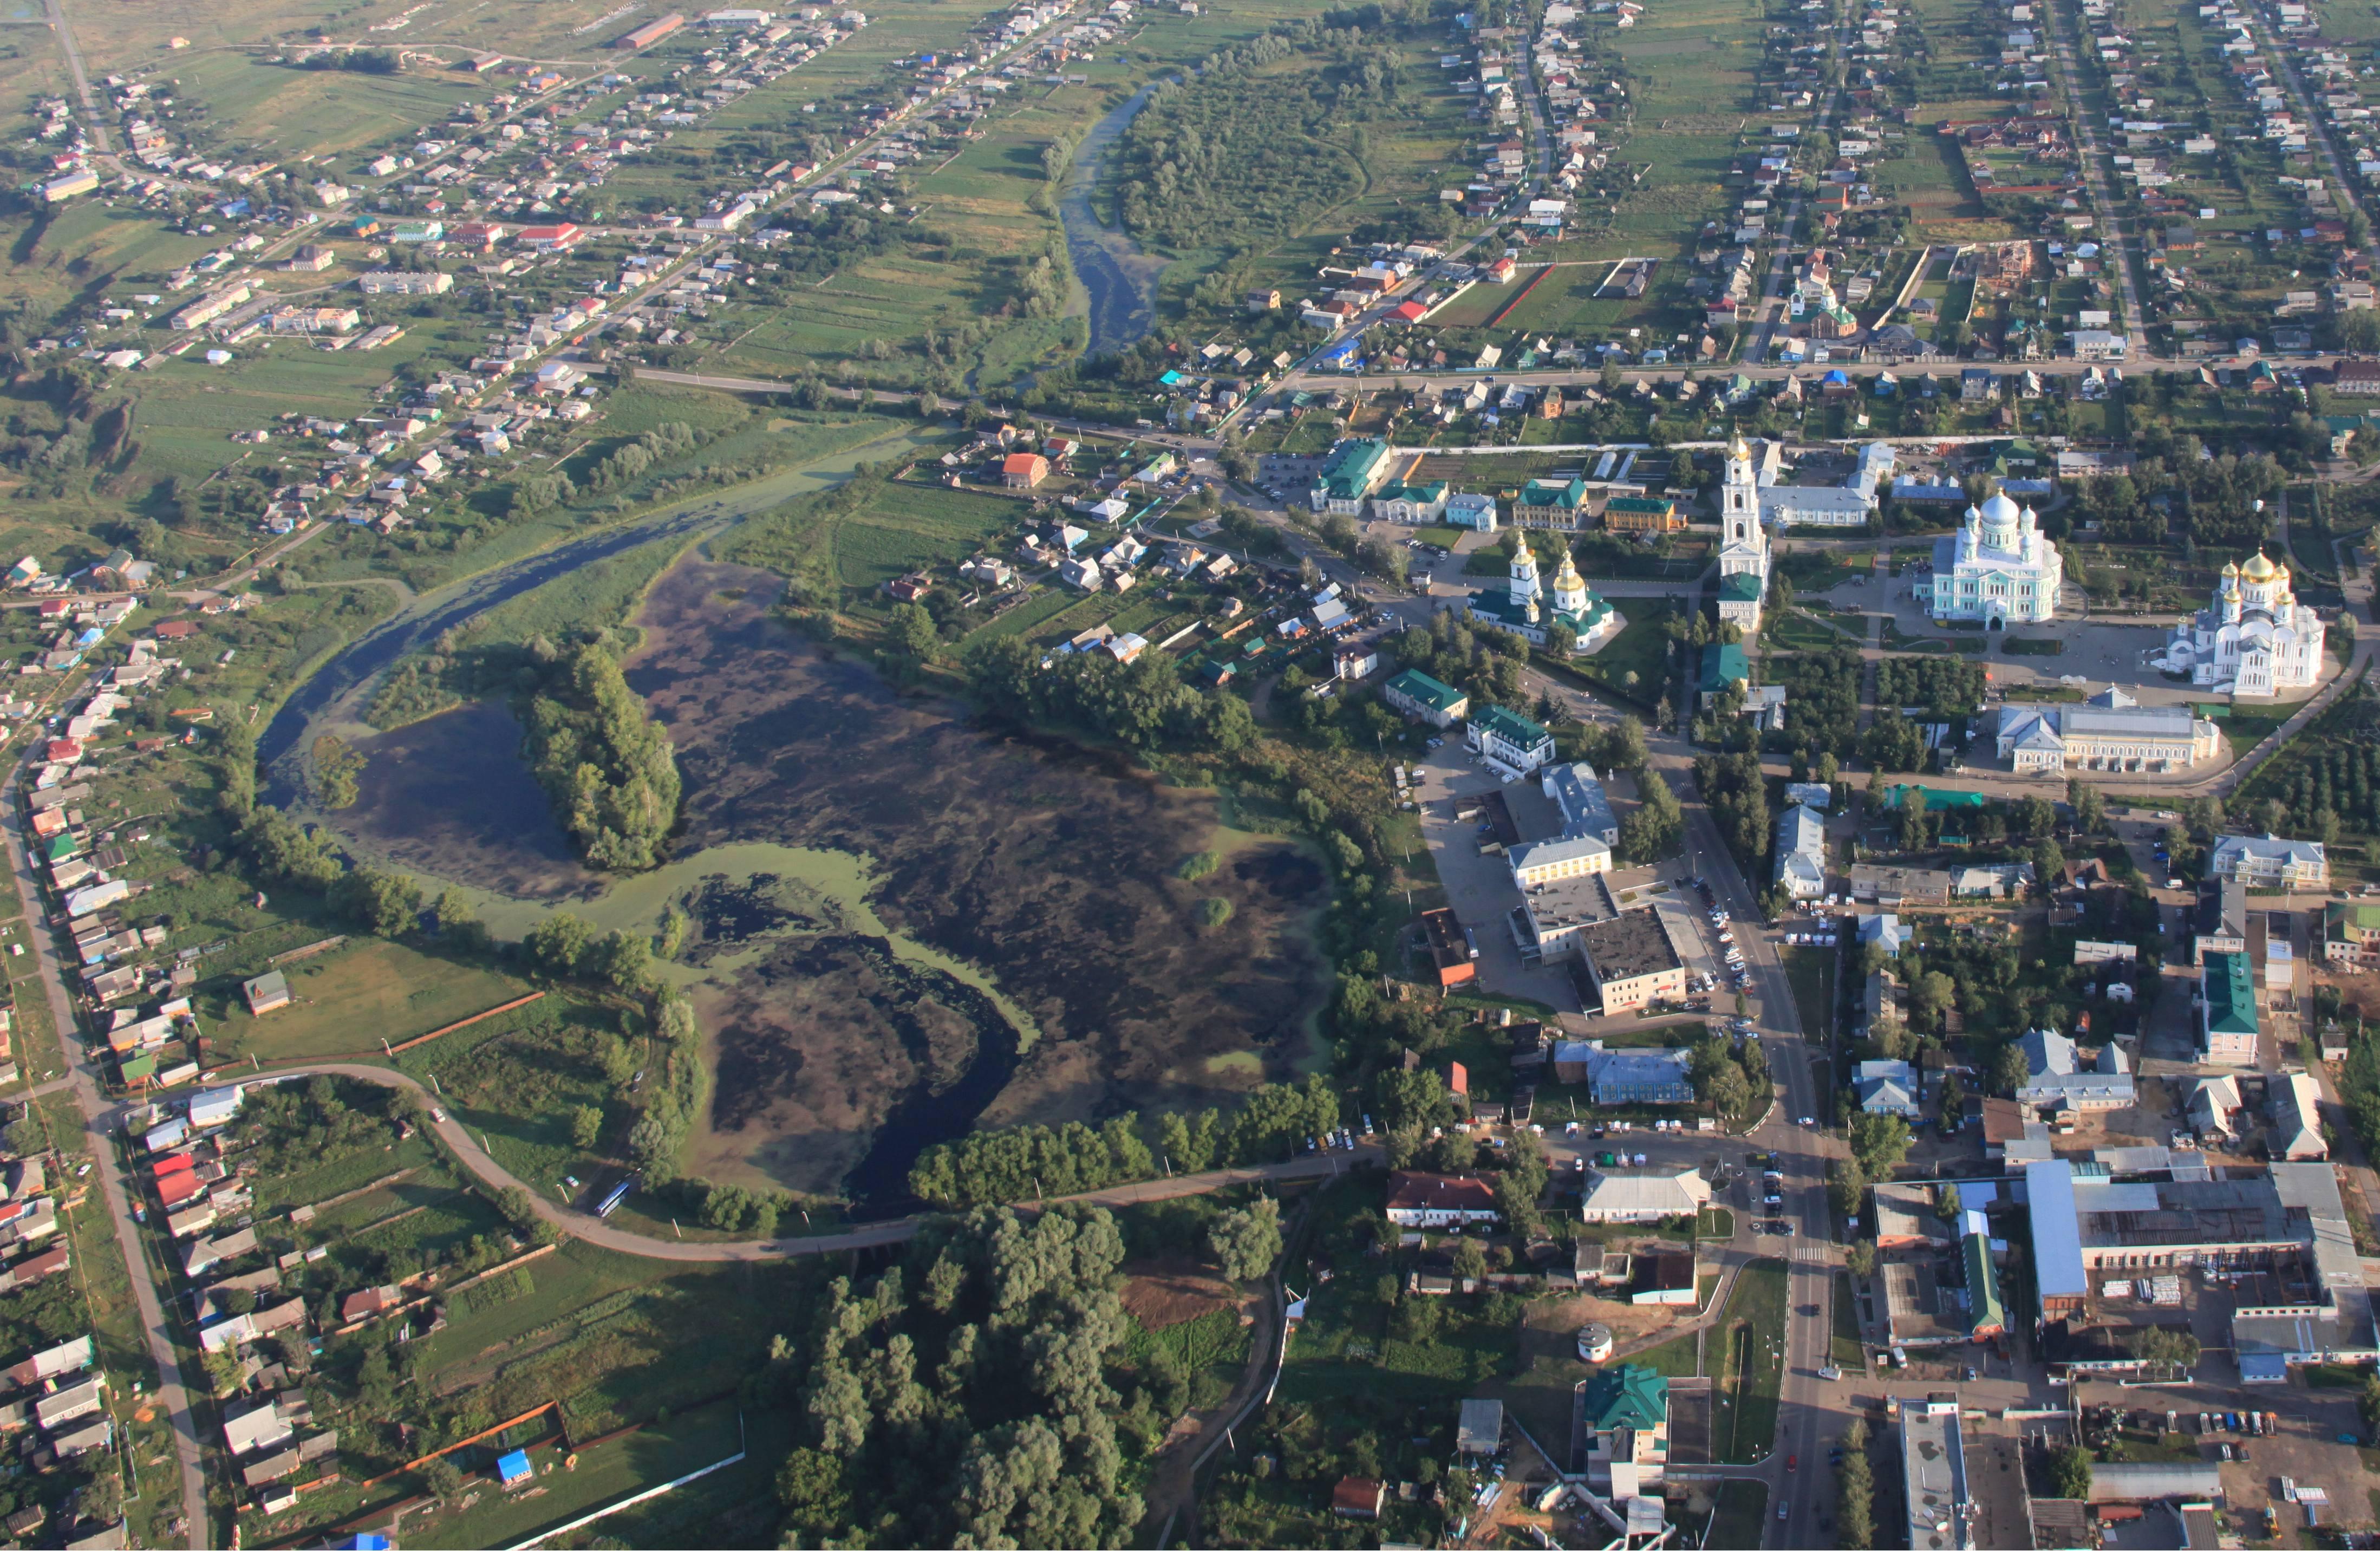 Утверждена проектная документация на расчистку рек Сатис, Вичкинза и Тёша в Нижегородской области